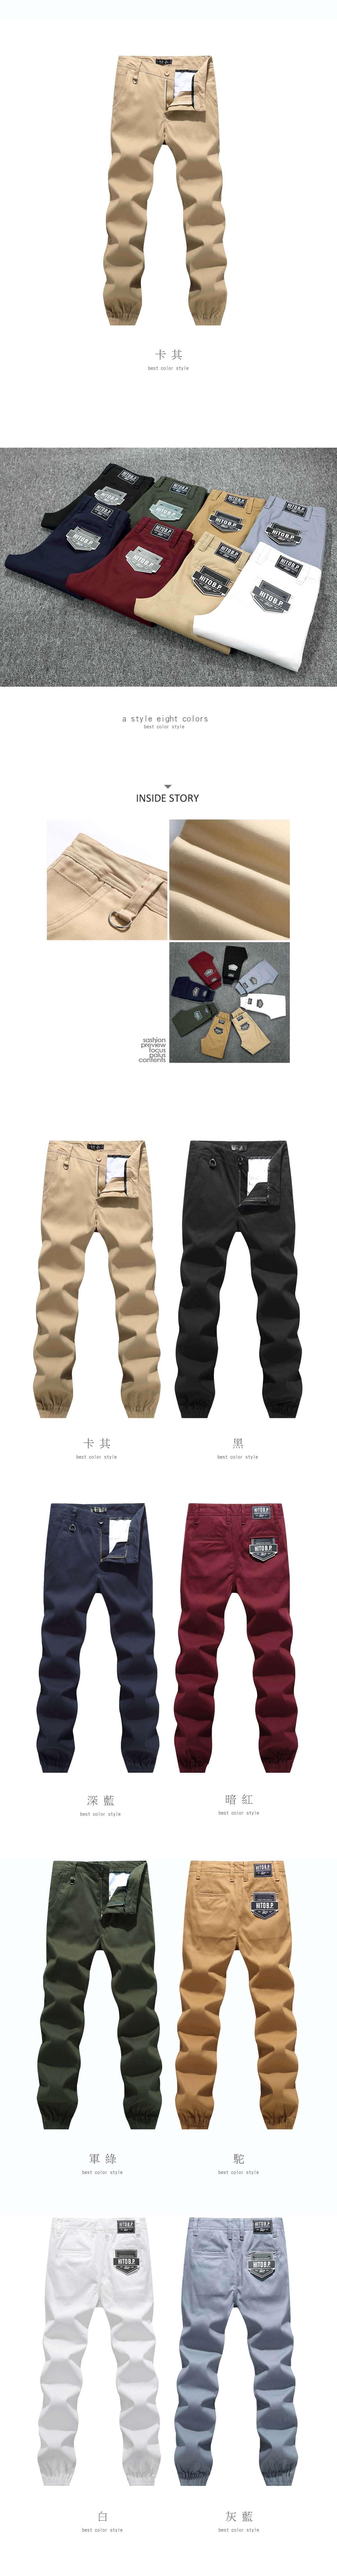 人氣款縮口褲完美版型.高彈力超好穿